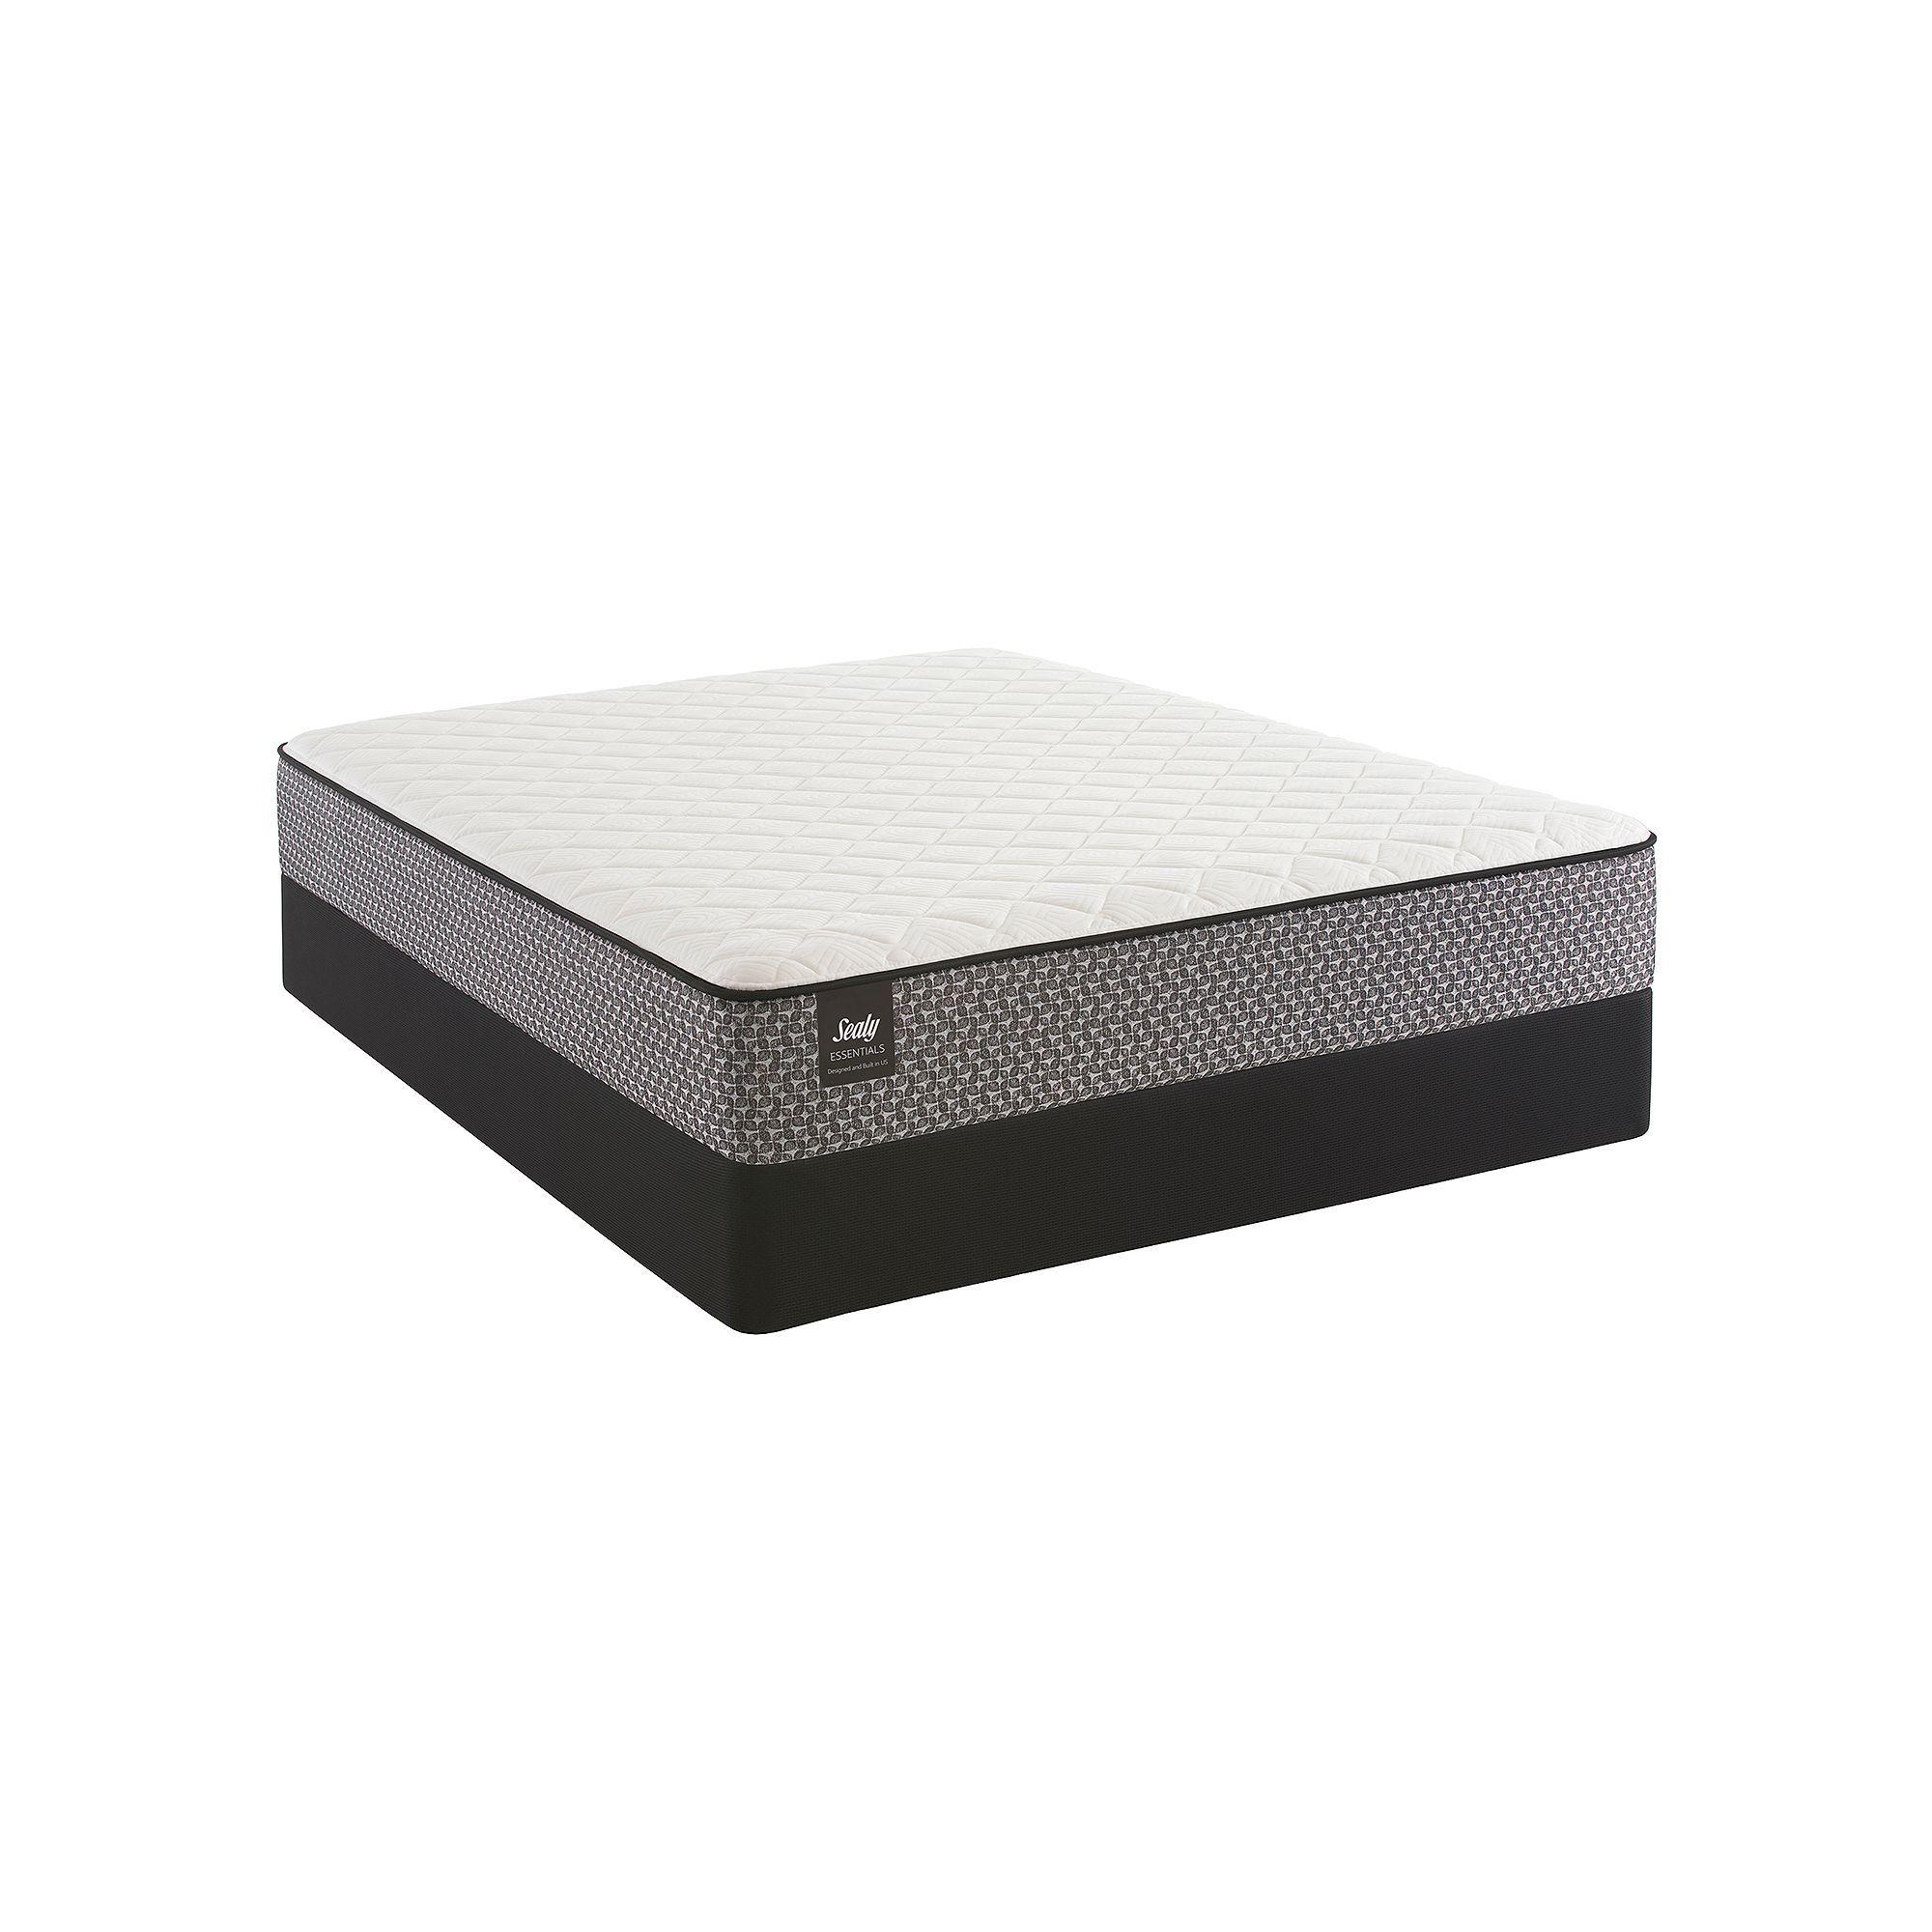 Sealy Essentials Butschle Firm Mattress Amp Box Spring Set White Plush Mattress Mattress Box